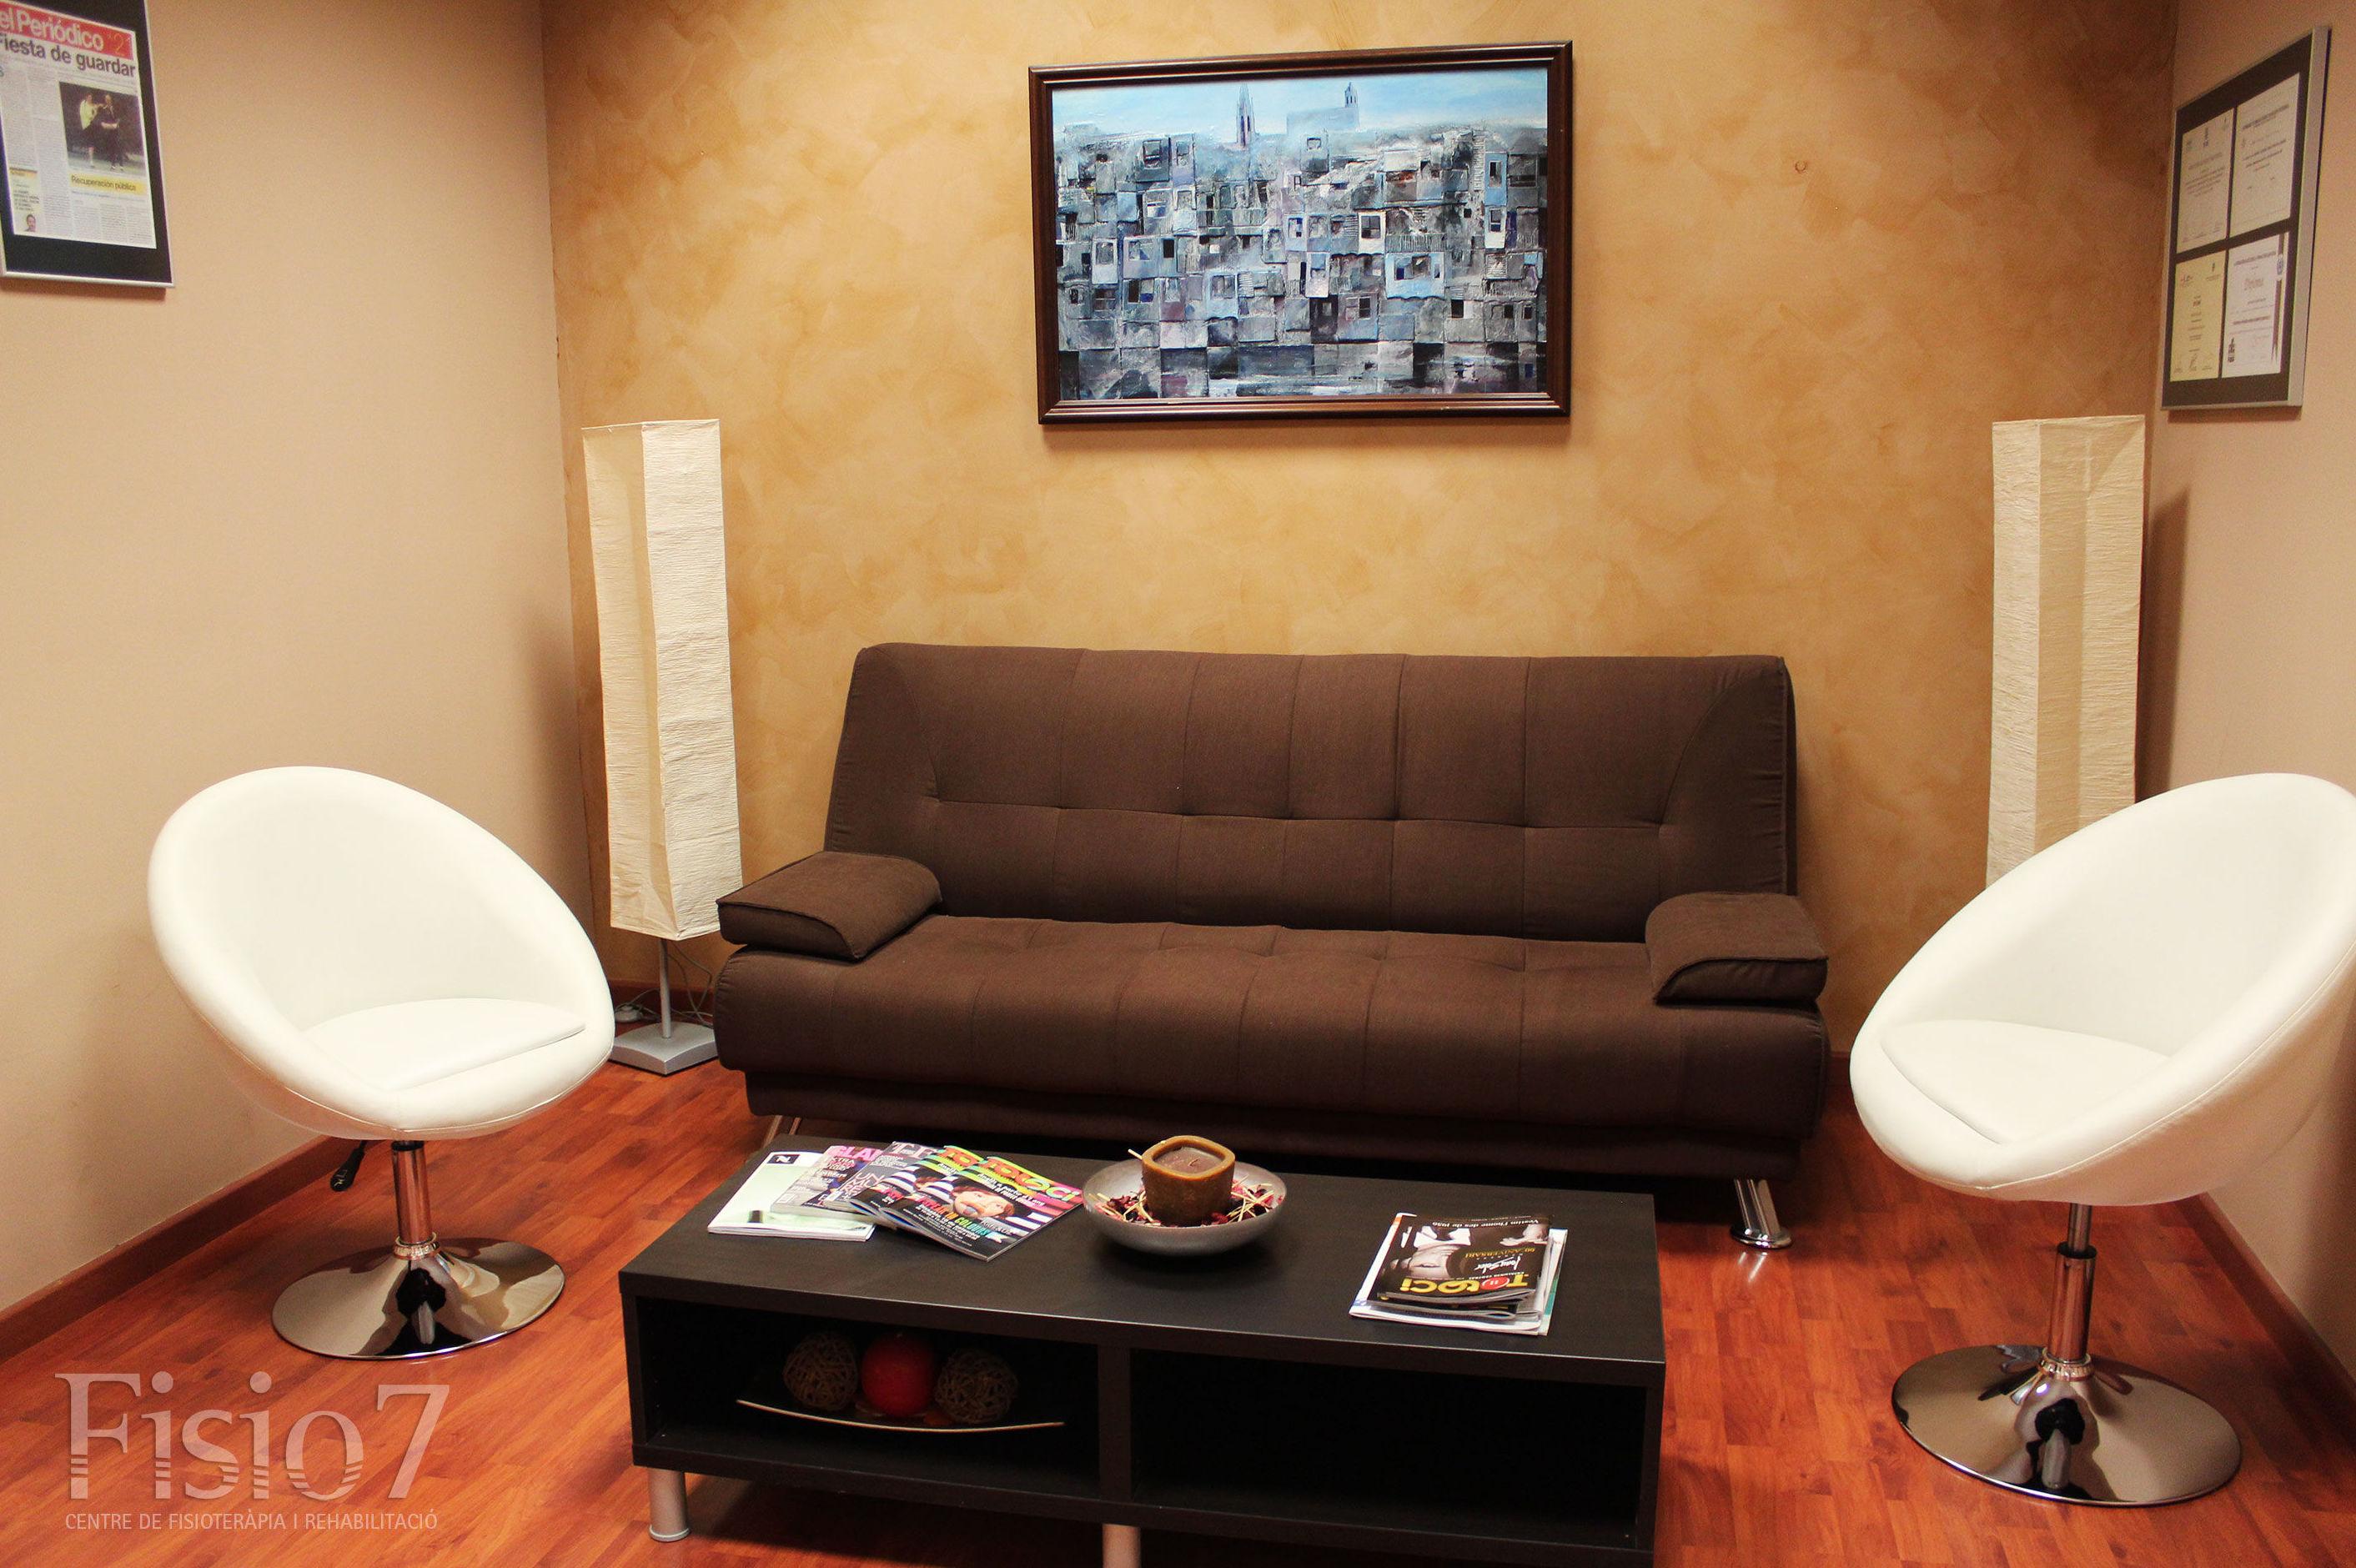 Fisio7 Sala de espera 1